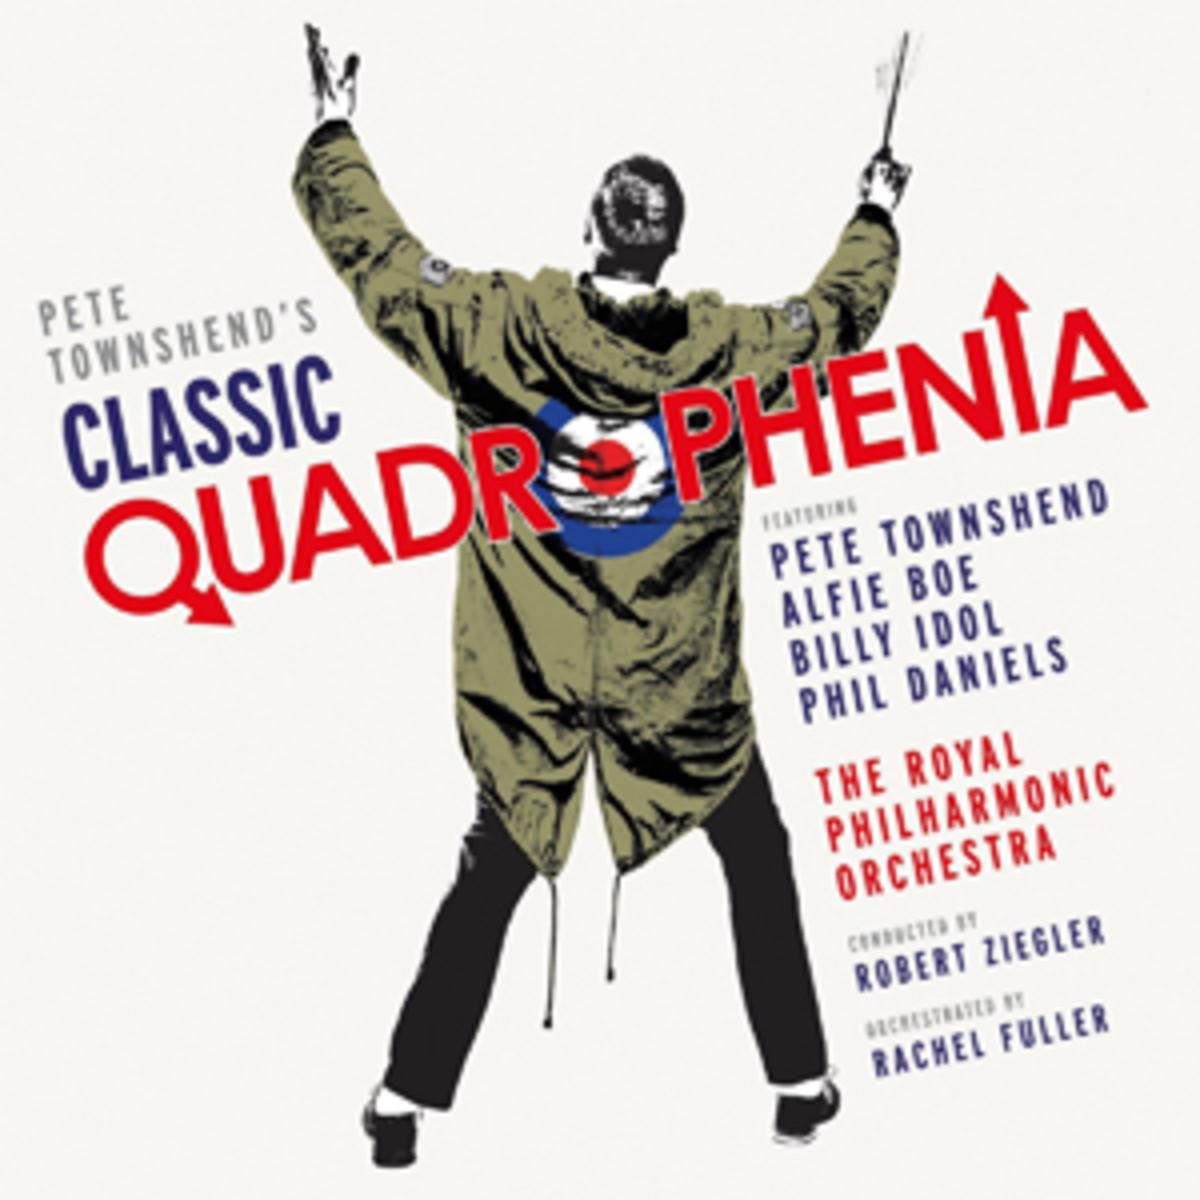 Classic-Quadrophenia